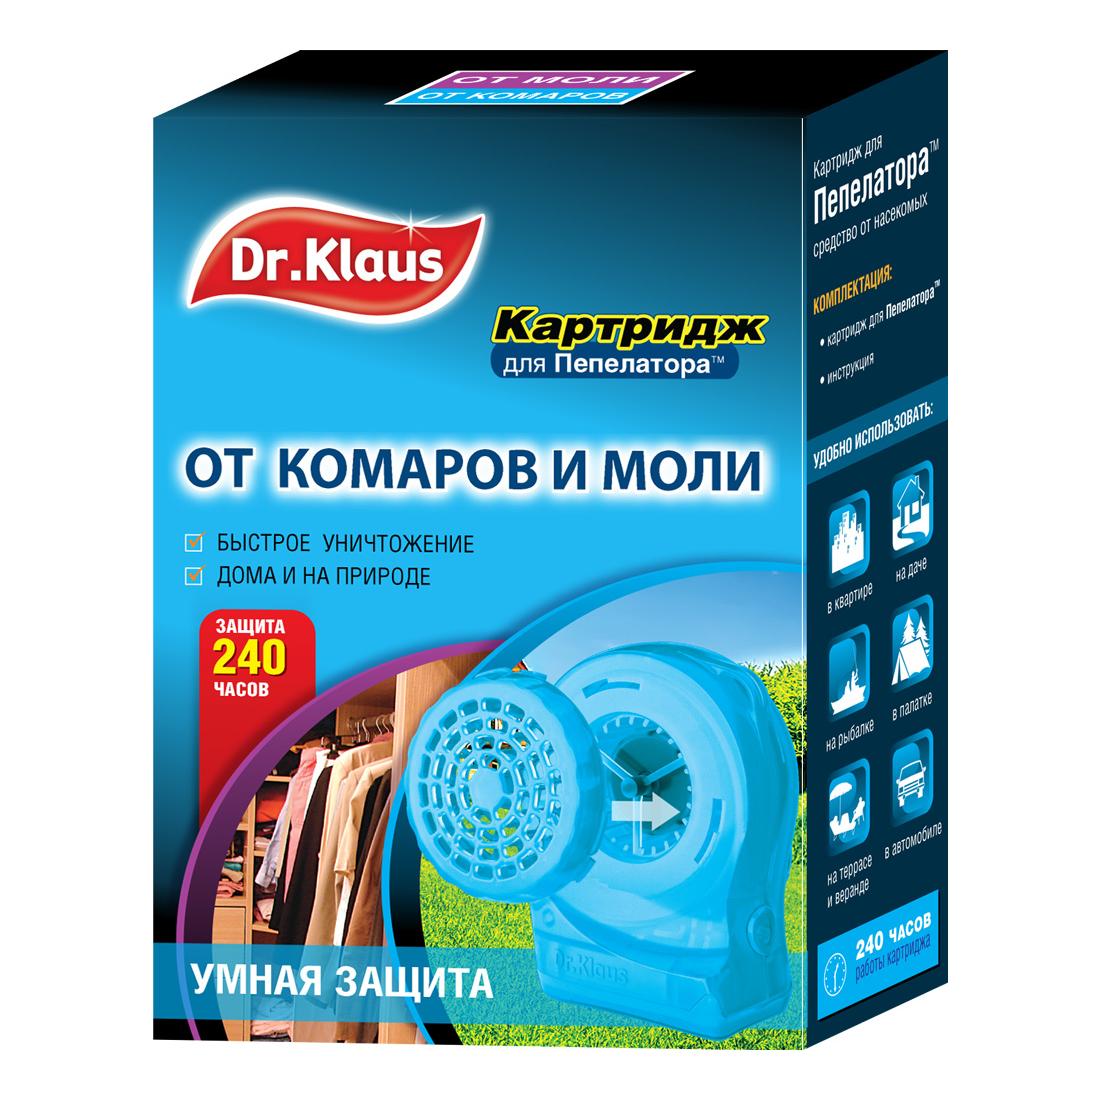 Картридж к пепелатору Dr Klaus от комаров и моли фото